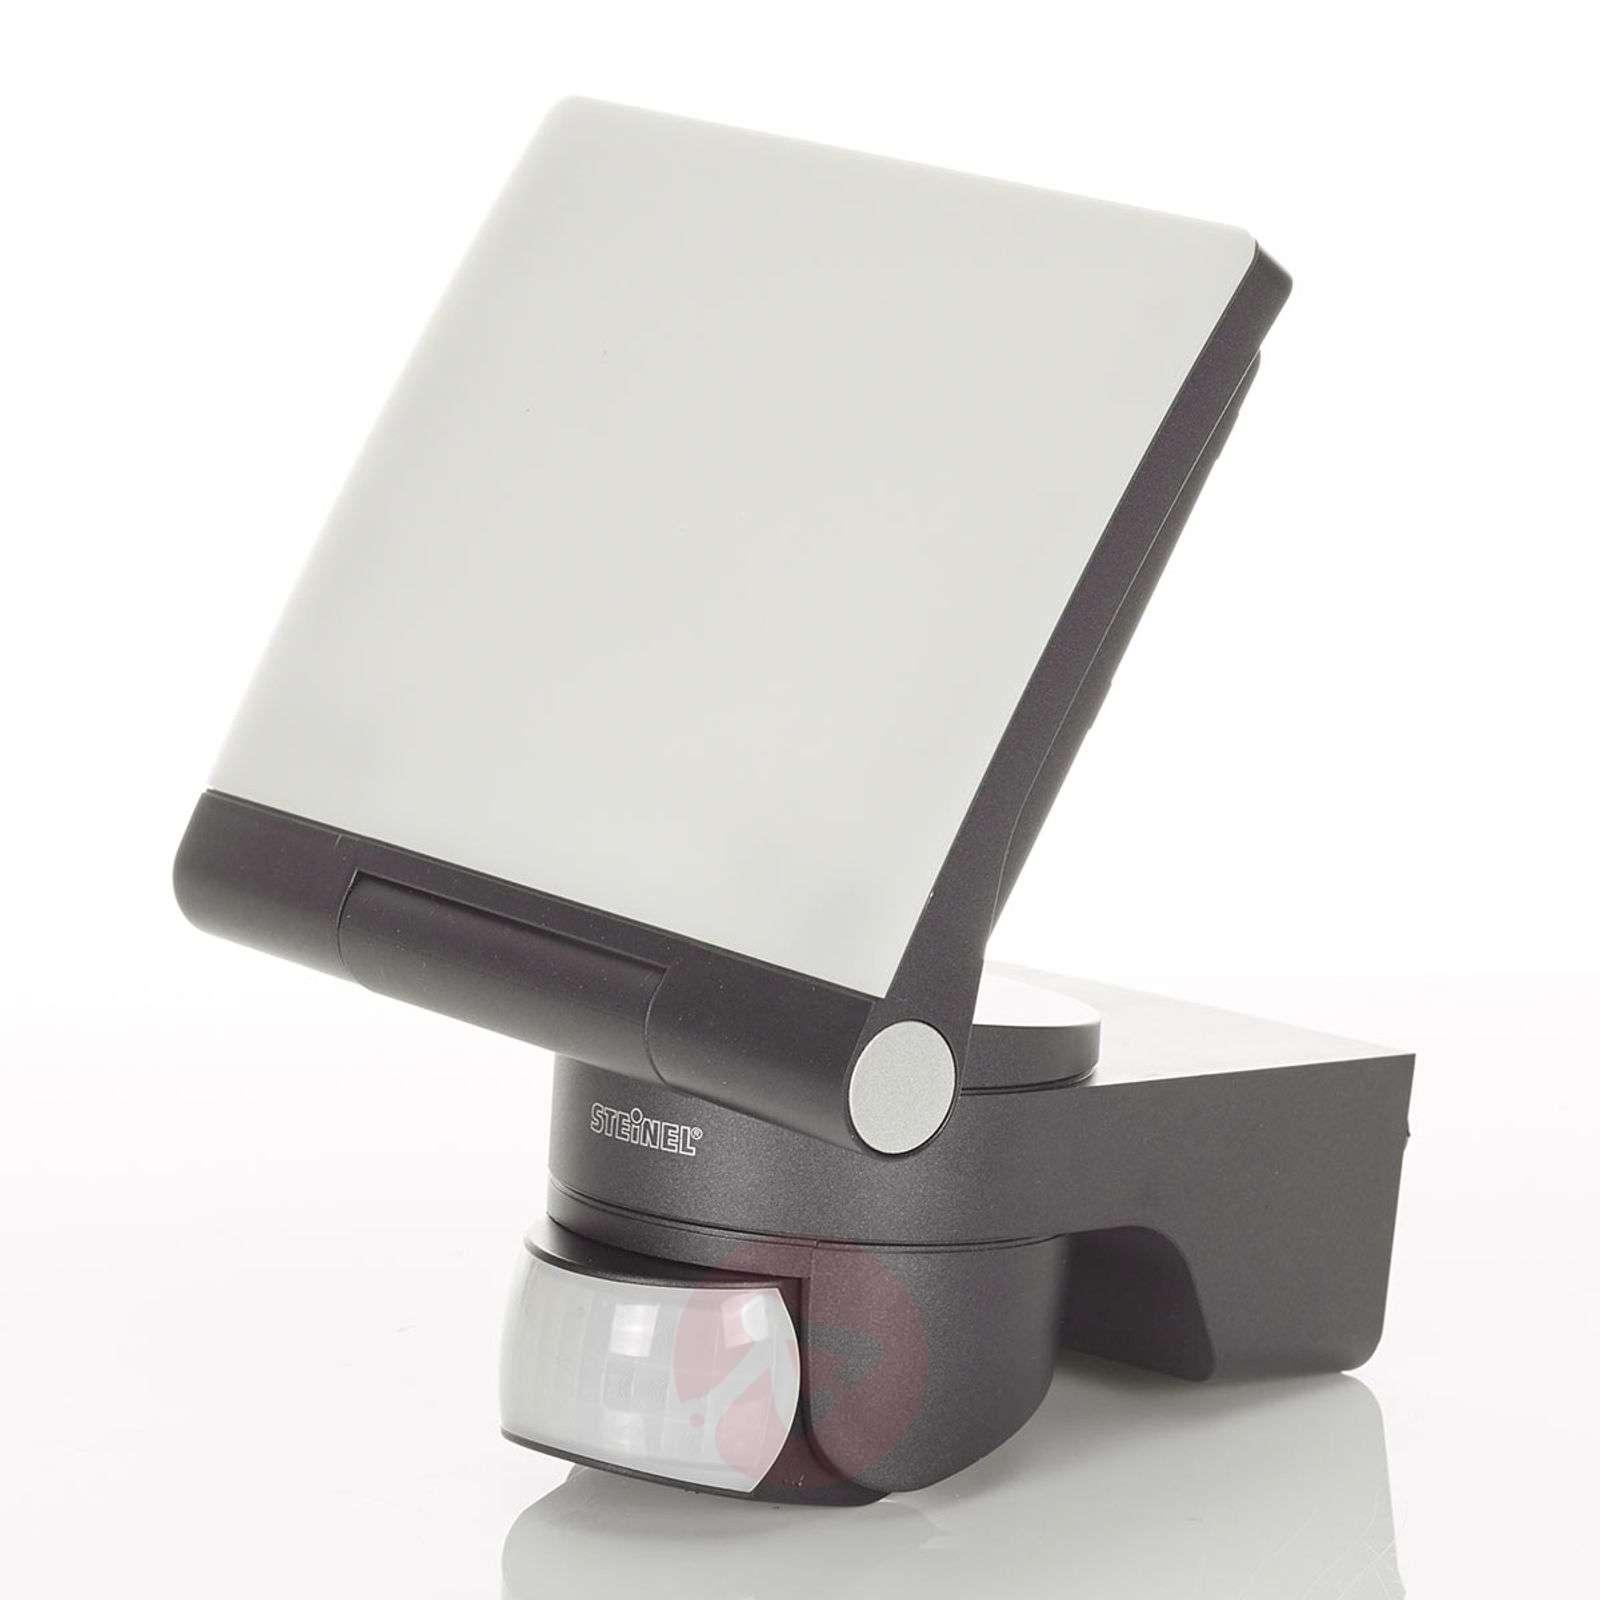 LED outdoor wall light XLED Home 2 XL w. IR sensor-8505697-01